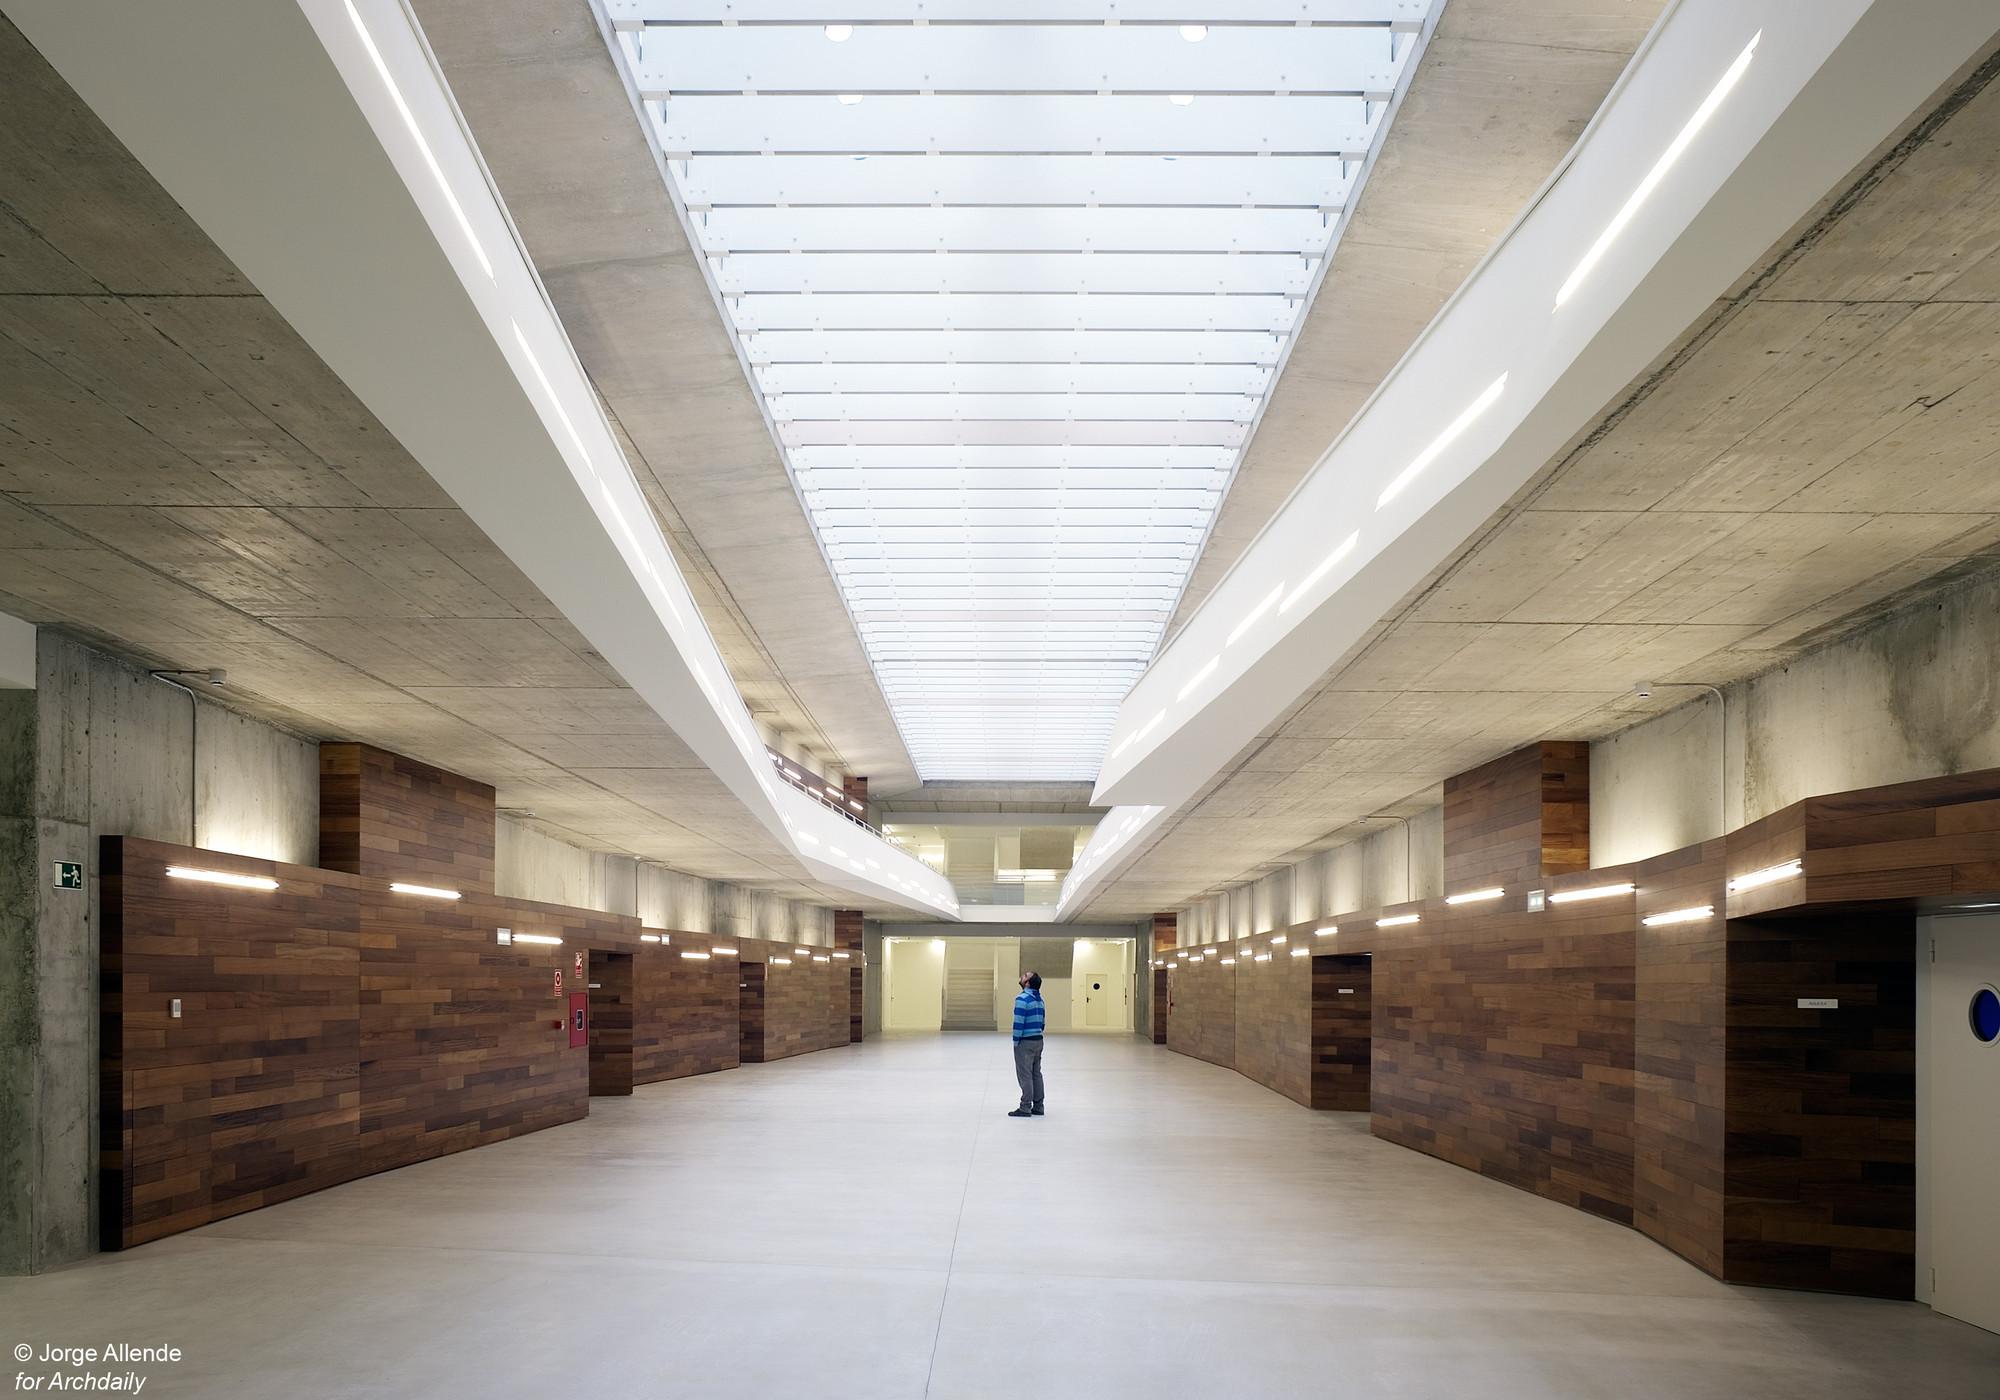 Facultad de ciencias de la educaci n universidad de zaragoza maar arquitectura plataforma - Arquitectura en zaragoza ...